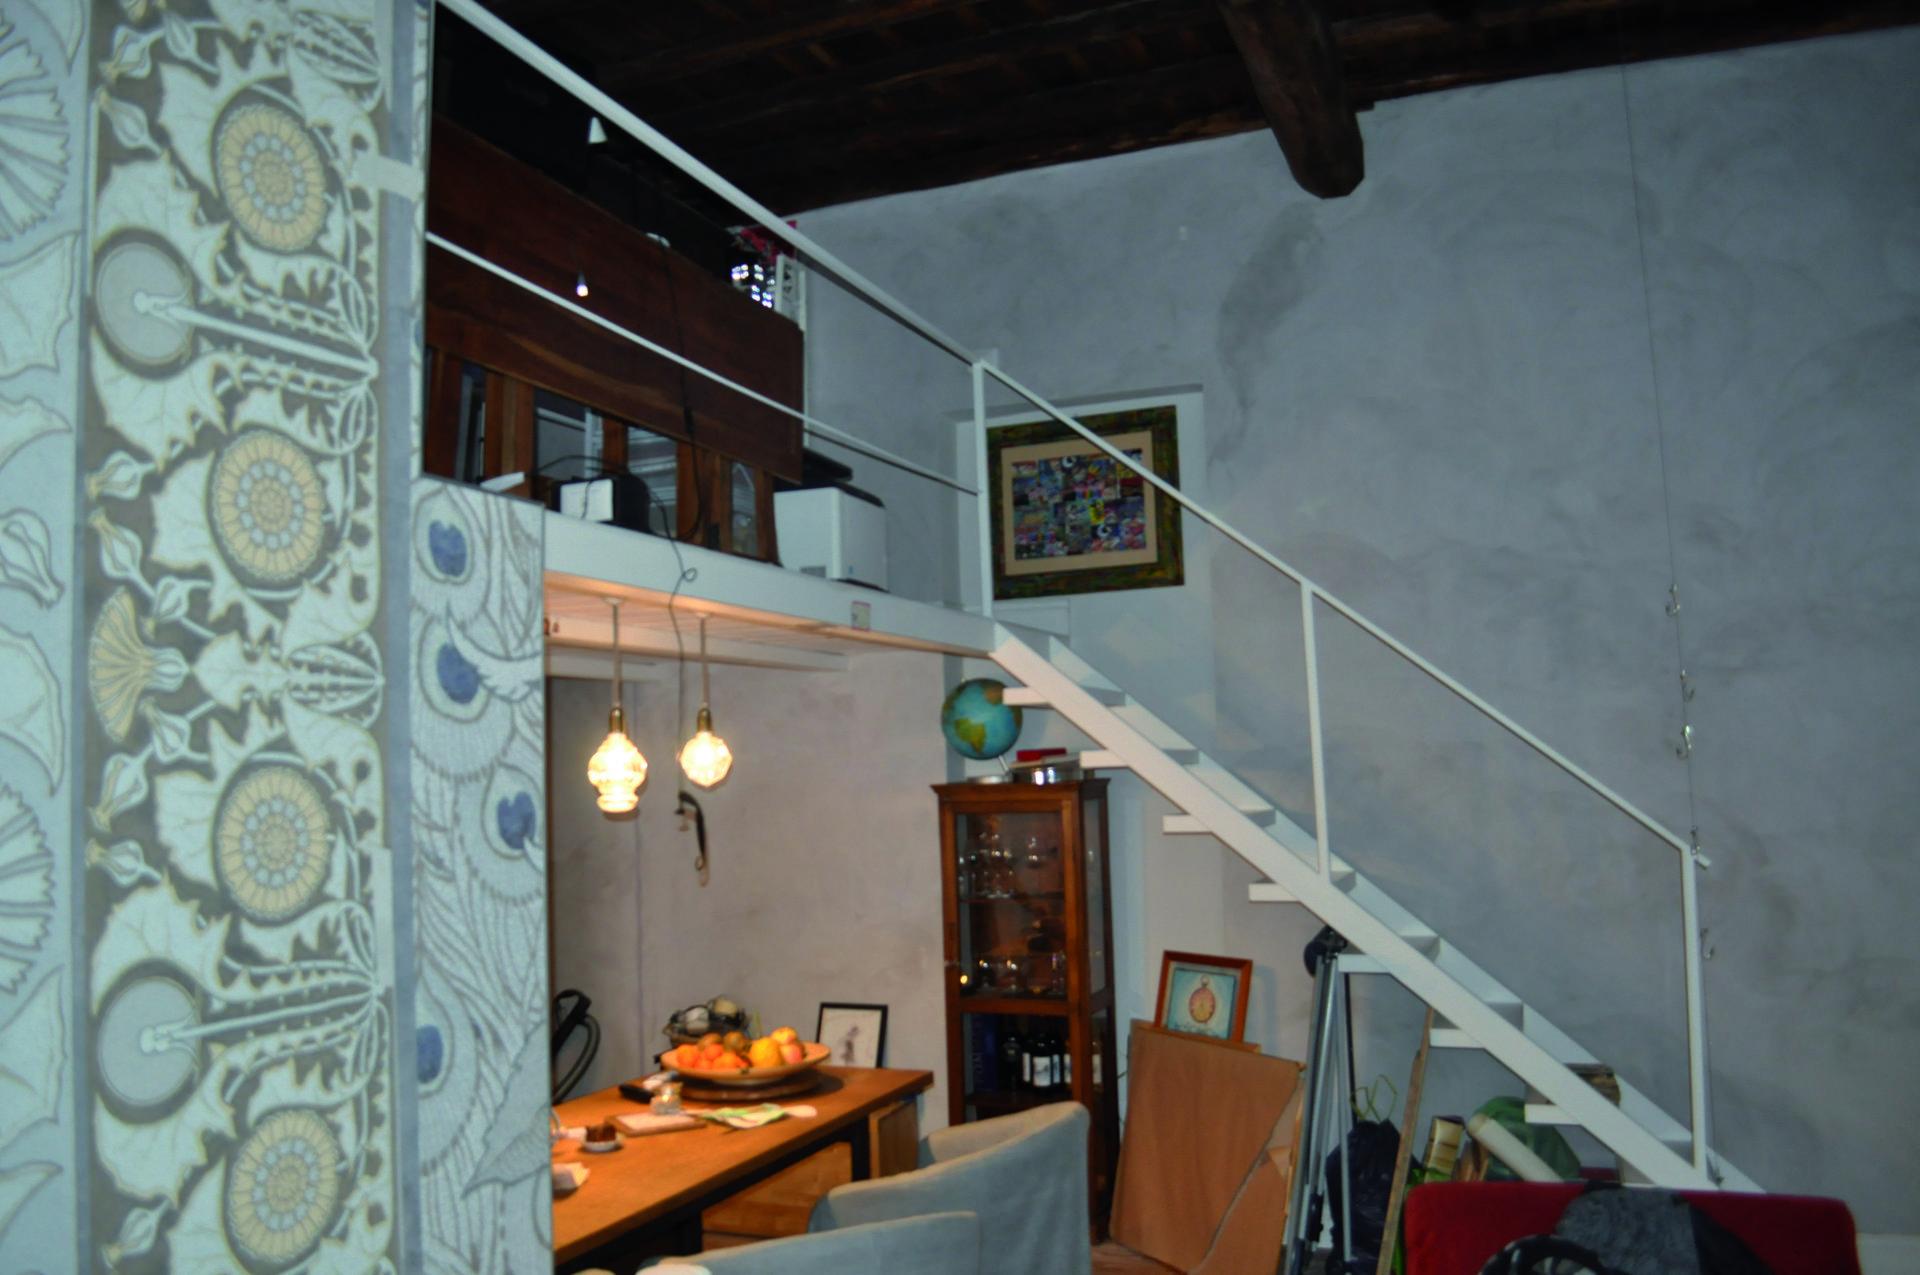 Ristrutturazione locali e cucine roma rm restructuria - Ristrutturazione cucine roma ...